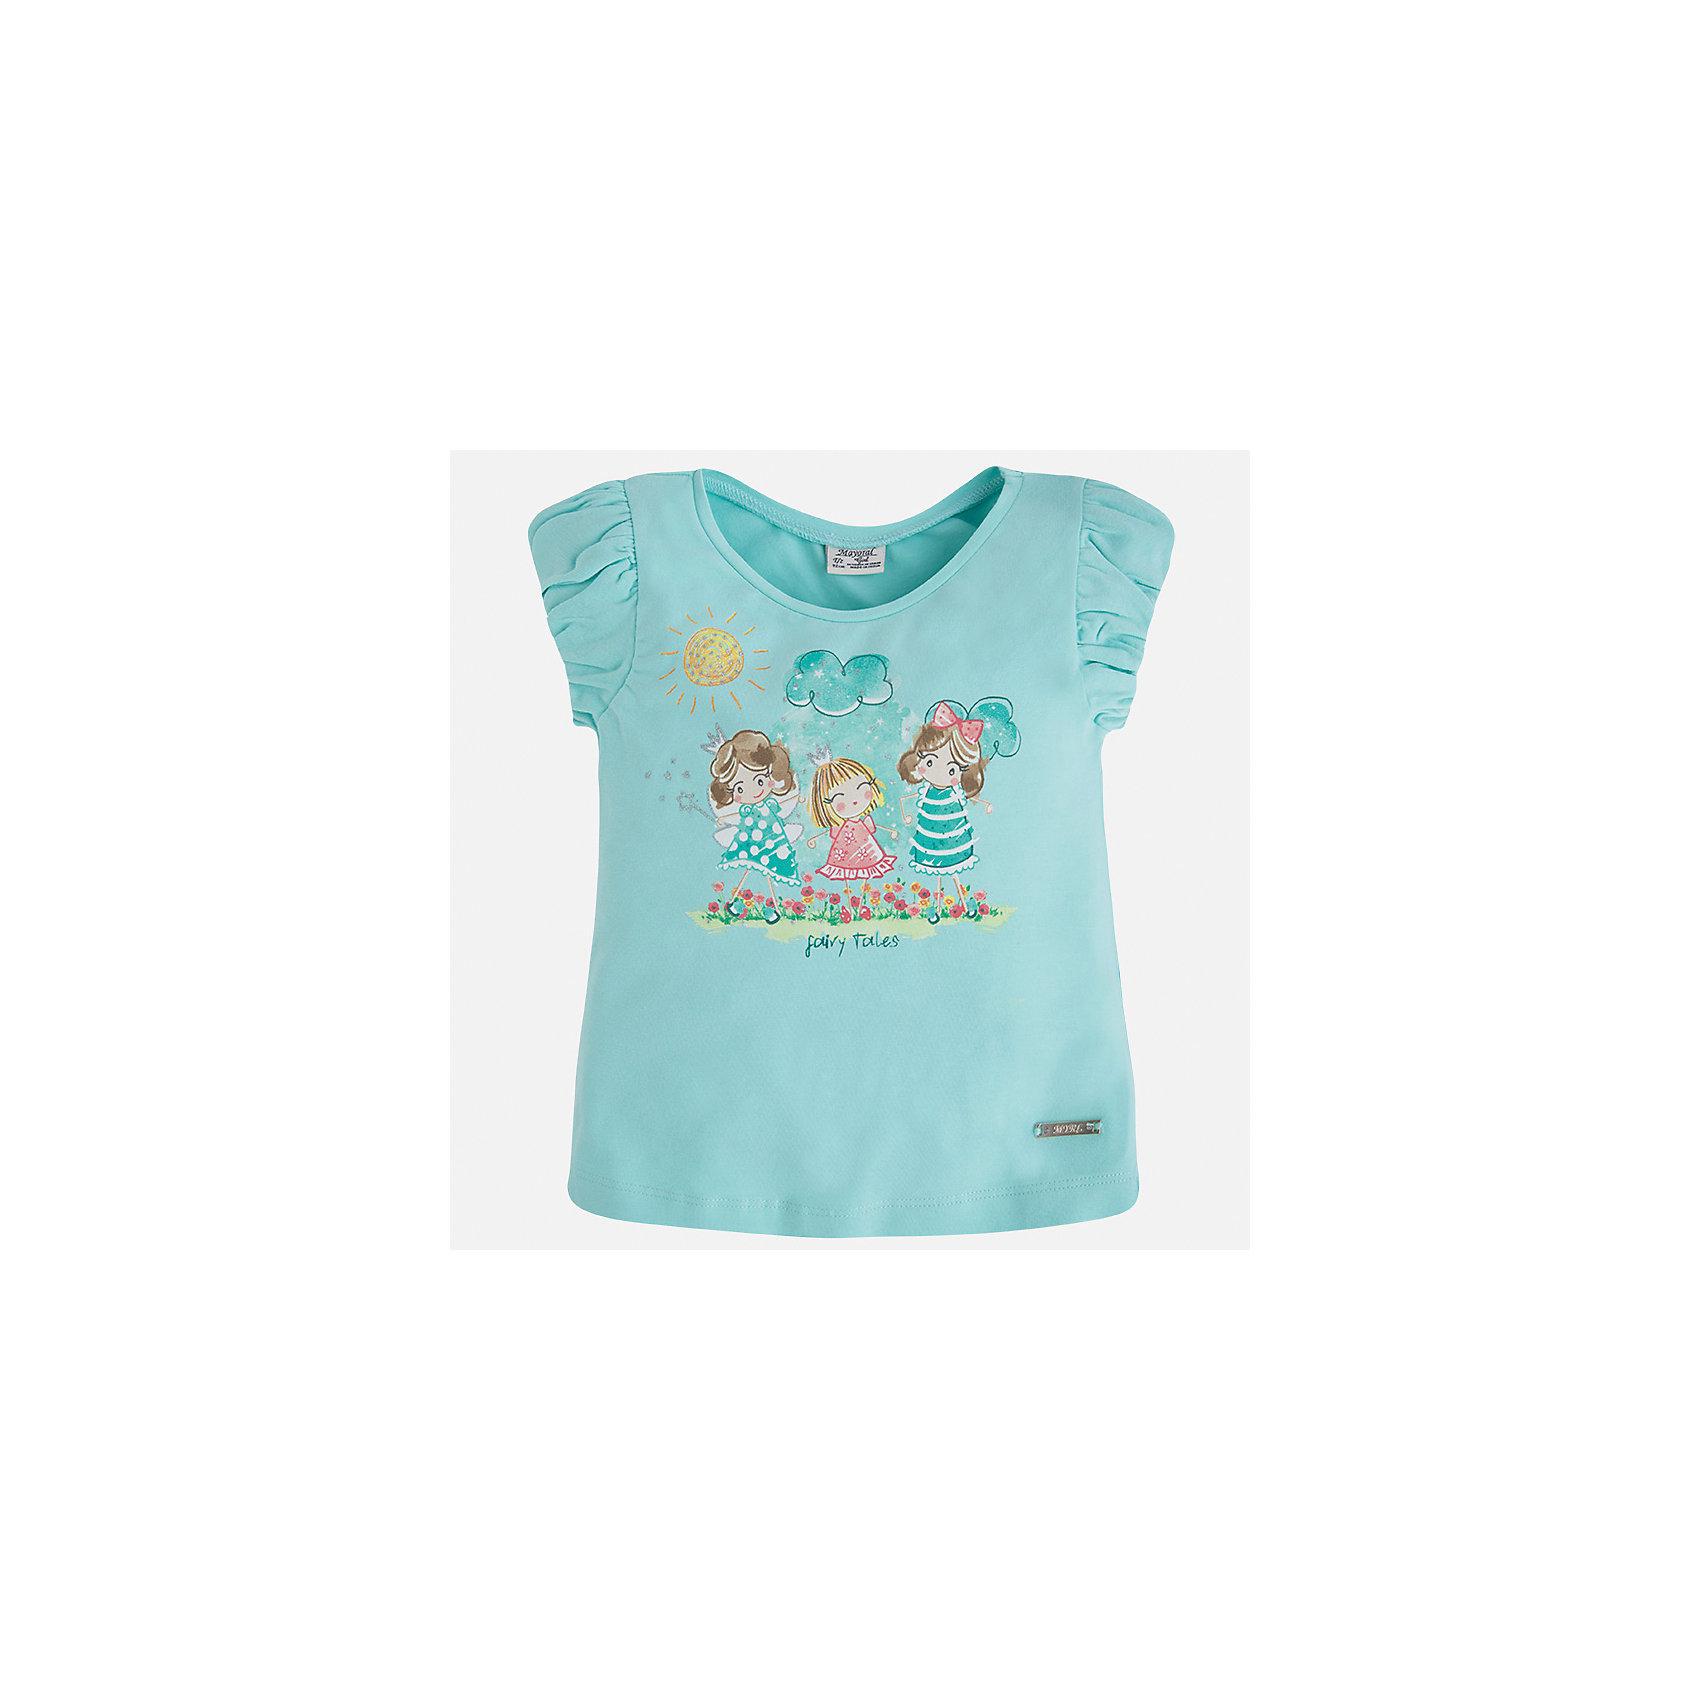 Футболка для девочки MayoralФутболки, поло и топы<br>Характеристики товара:<br><br>• цвет: мятный<br>• состав: 92% хлопок, 8% эластан<br>• принт<br>• объемные рукава<br>• короткие рукава<br>• округлый горловой вырез<br>• страна бренда: Испания<br><br>Стильная качественная футболка для девочки поможет разнообразить гардероб ребенка и украсить наряд. Она отлично сочетается и с юбками, и с шортами, и с брюками. Универсальный цвет позволяет подобрать к вещи низ практически любой расцветки. Интересная отделка модели делает её нарядной и оригинальной. В составе ткани преобладает натуральный хлопок, гипоаллергенный, приятный на ощупь, дышащий.<br><br>Одежда, обувь и аксессуары от испанского бренда Mayoral полюбились детям и взрослым по всему миру. Модели этой марки - стильные и удобные. Для их производства используются только безопасные, качественные материалы и фурнитура. Порадуйте ребенка модными и красивыми вещами от Mayoral! <br><br>Футболку для девочки от испанского бренда Mayoral (Майорал) можно купить в нашем интернет-магазине.<br><br>Ширина мм: 199<br>Глубина мм: 10<br>Высота мм: 161<br>Вес г: 151<br>Цвет: голубой<br>Возраст от месяцев: 84<br>Возраст до месяцев: 96<br>Пол: Женский<br>Возраст: Детский<br>Размер: 128,134,104,92,98,110,116,122<br>SKU: 5289262